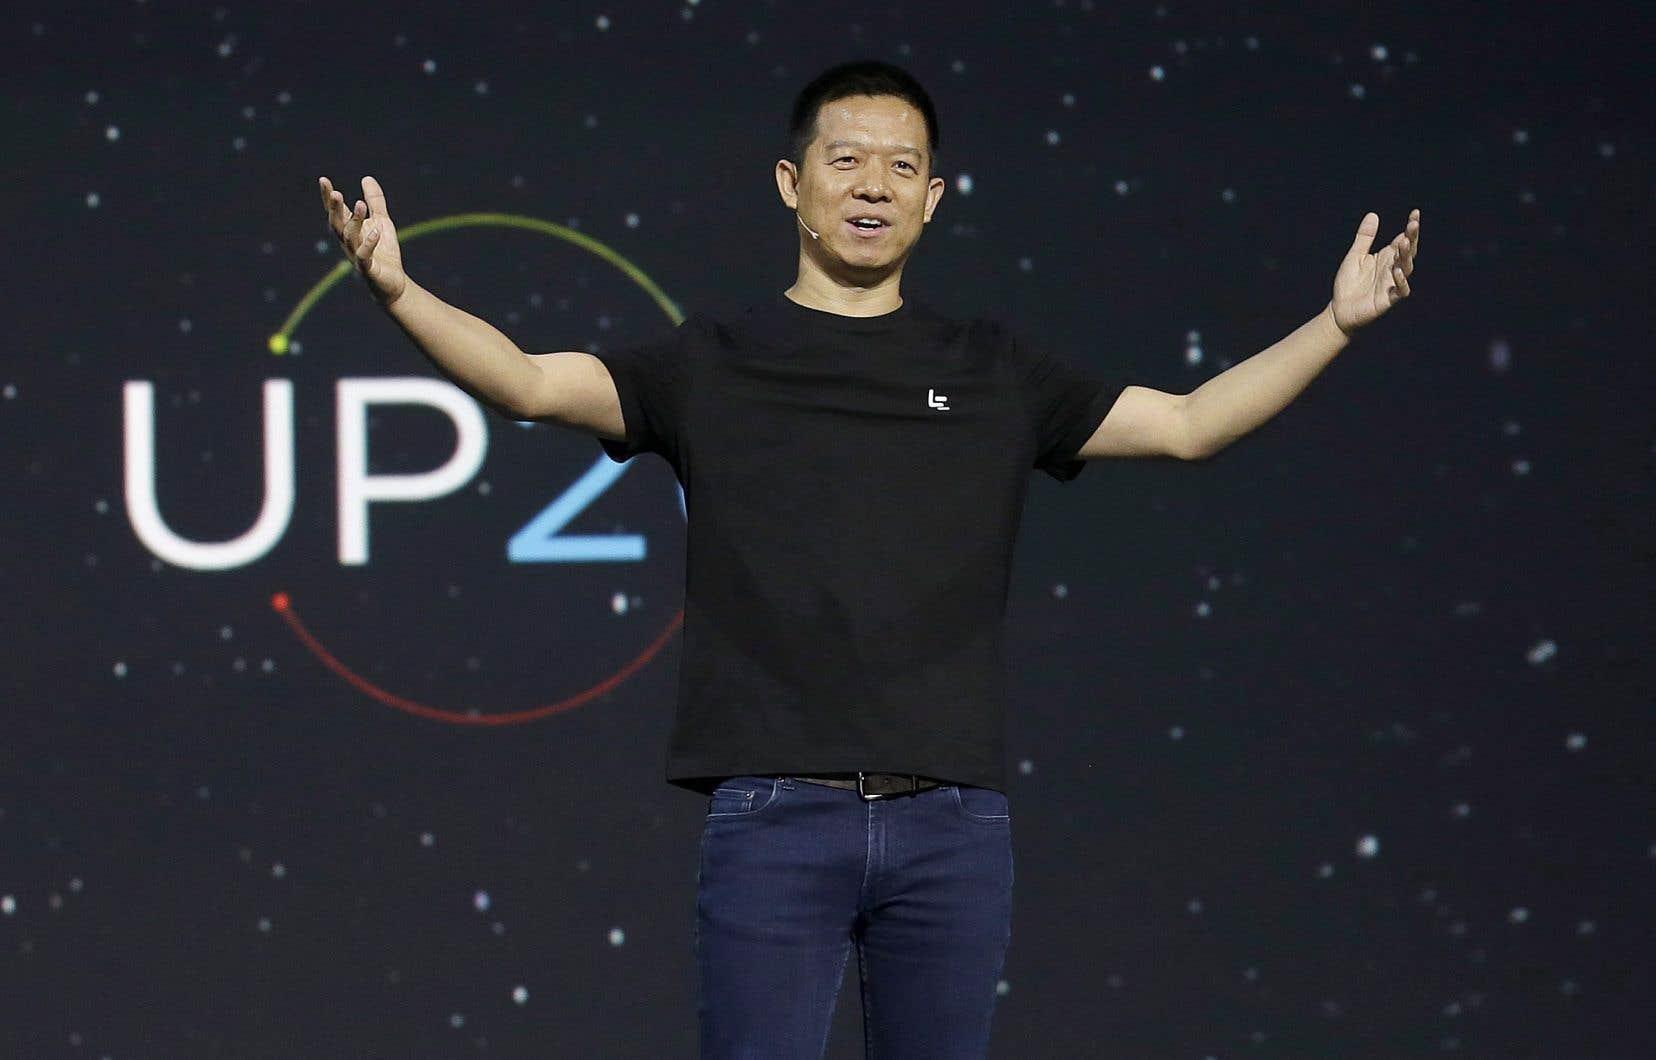 Le nom de Jia Yueting a été rajouté à la liste noire des débiteurs en défaut de paiement par la justice chinoise, qui lui réclame des centaines de millions de dollars de prêts impayés.